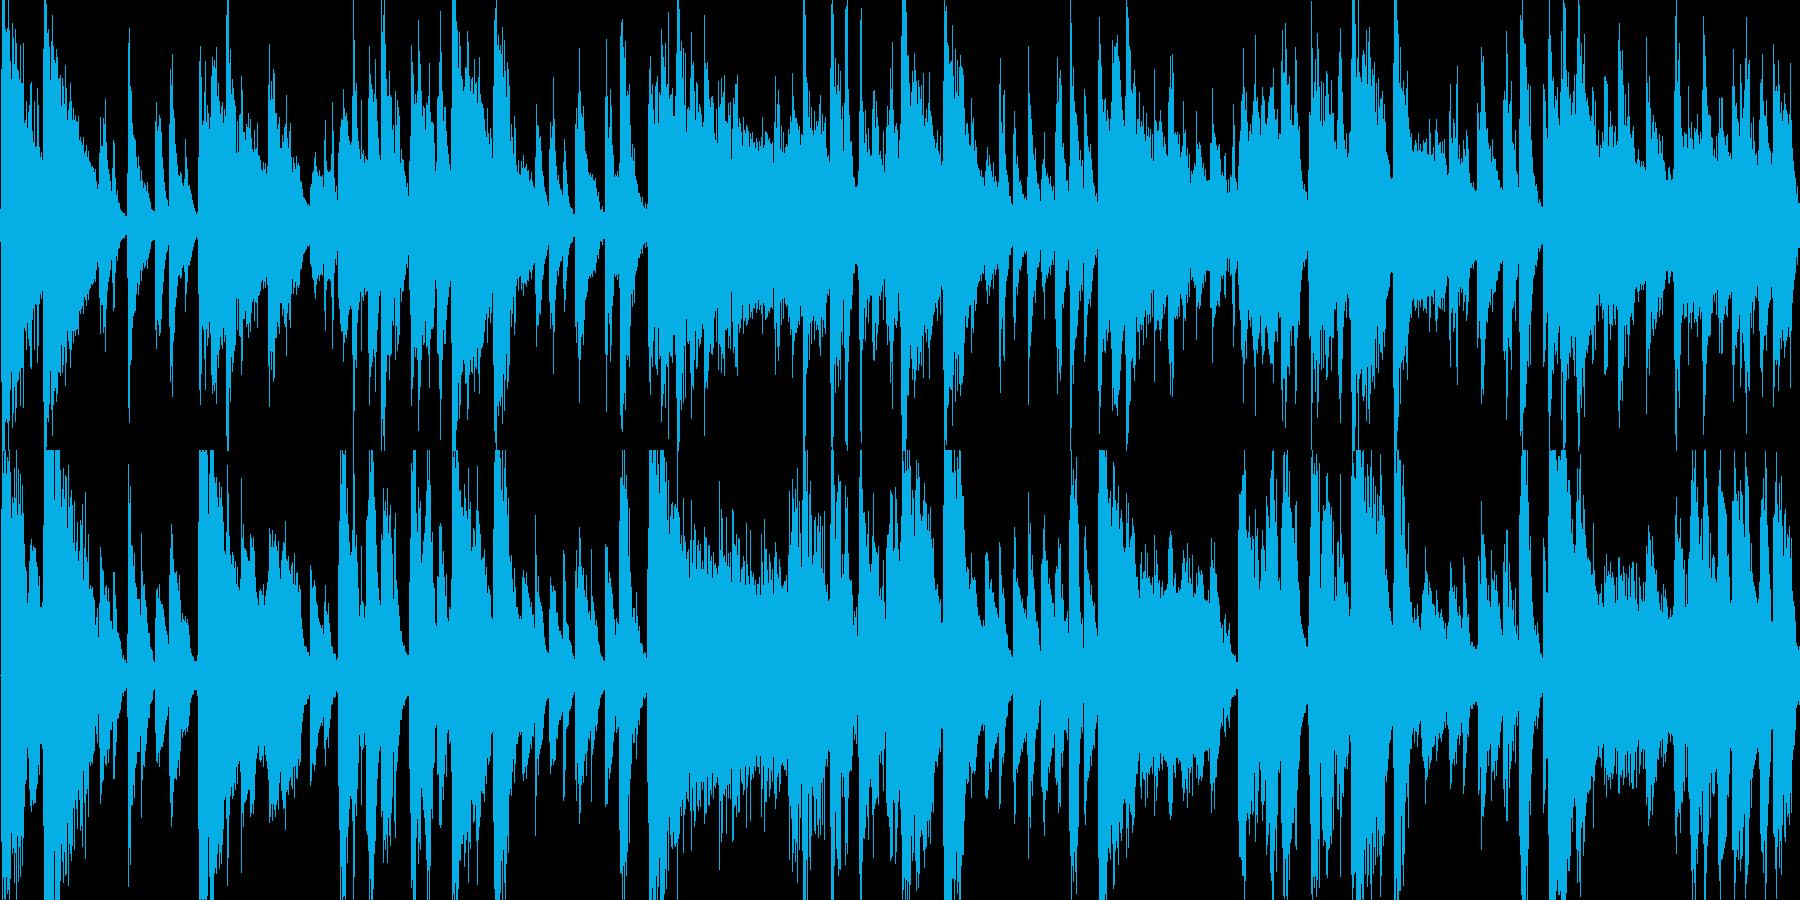 ラテン風の激しめなジングル_ループの再生済みの波形